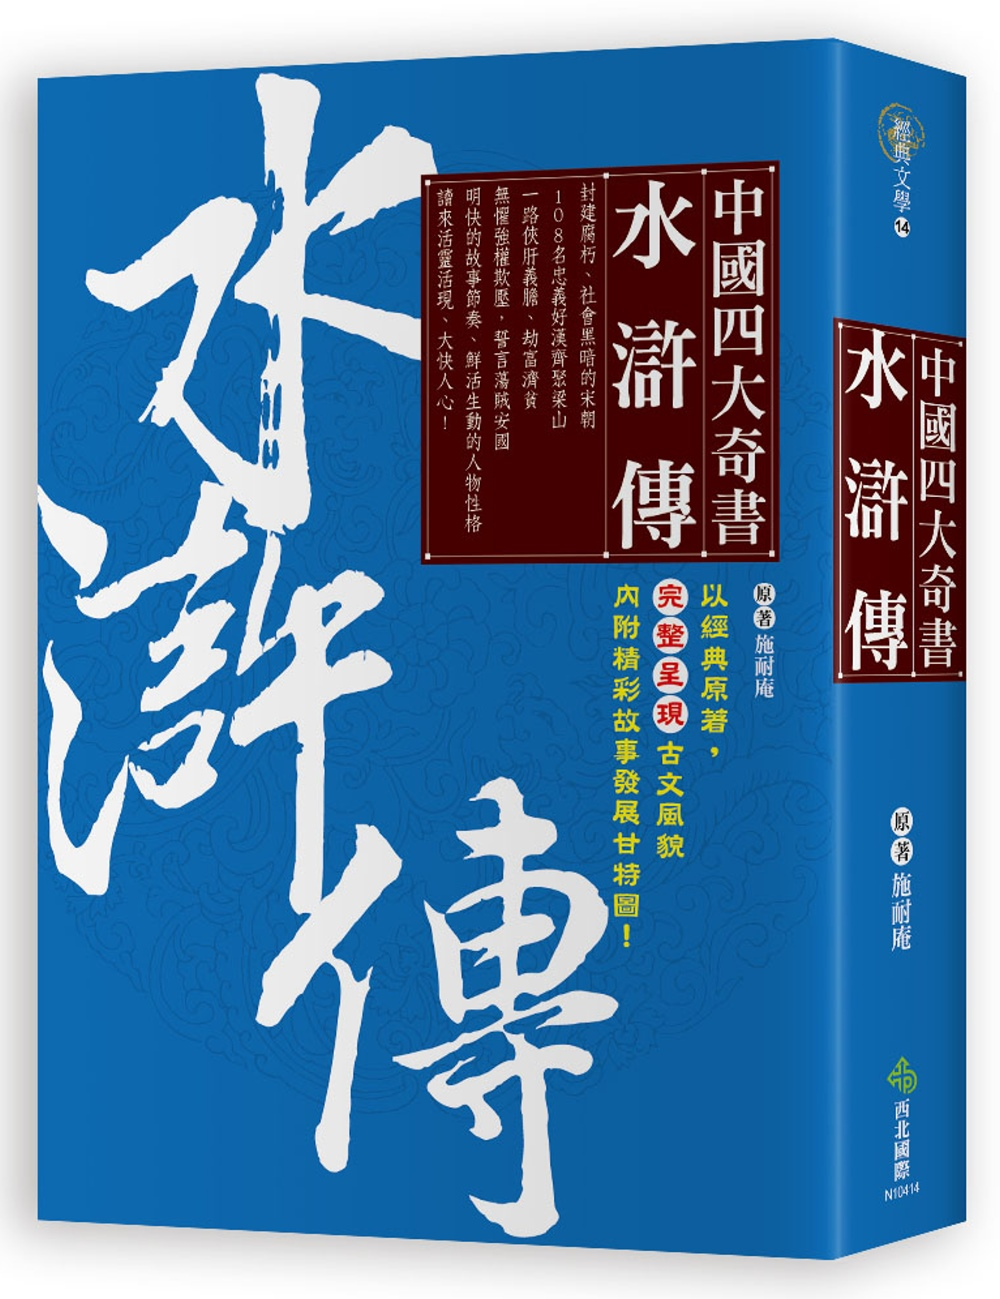 中國四大奇書‧水滸傳